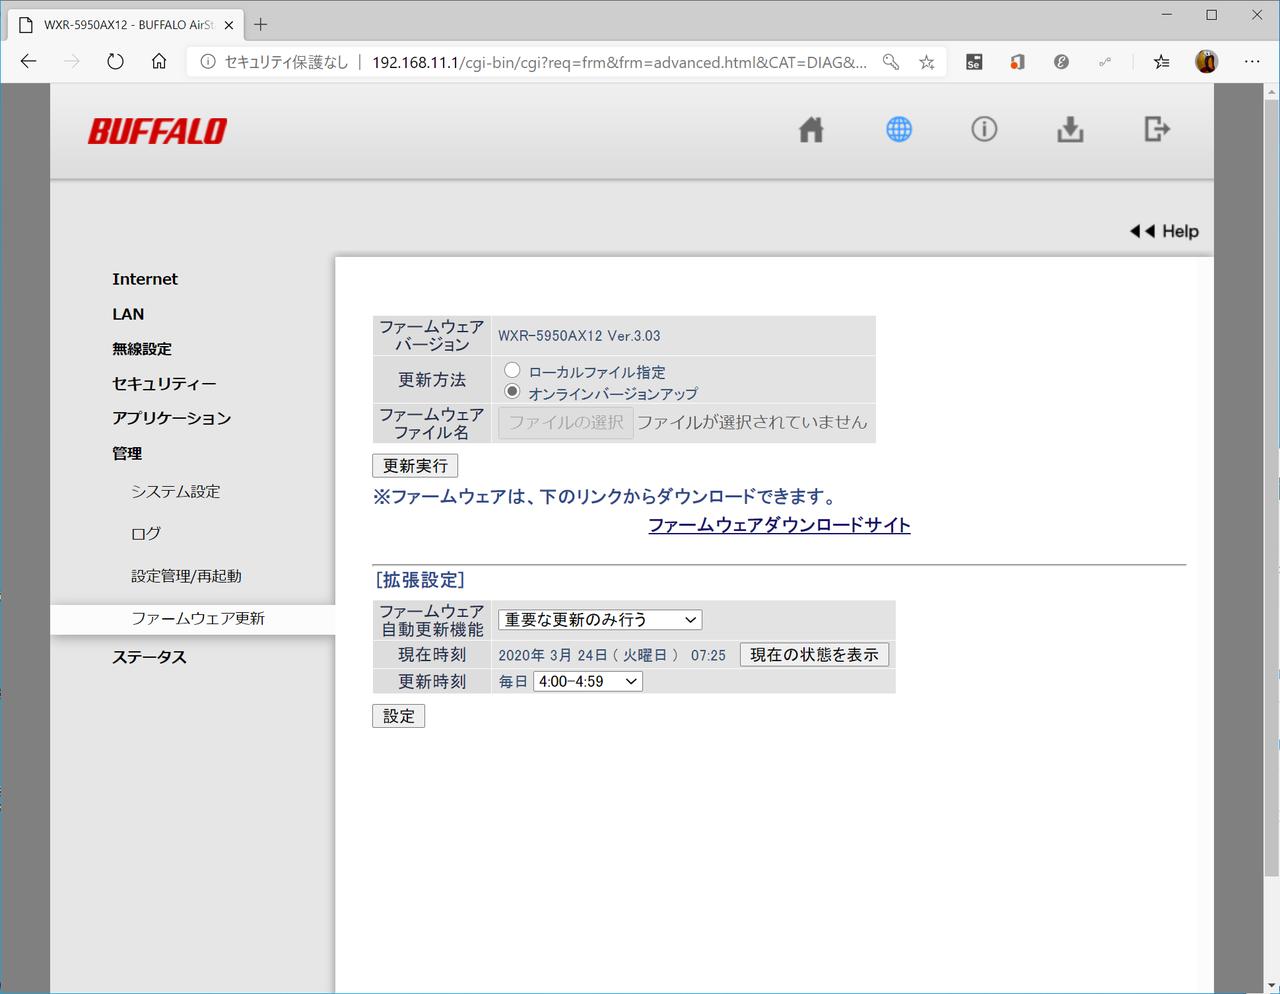 バッファローの最新ルーターの設定画面。ファームウェアの自動更新機能を利用できる